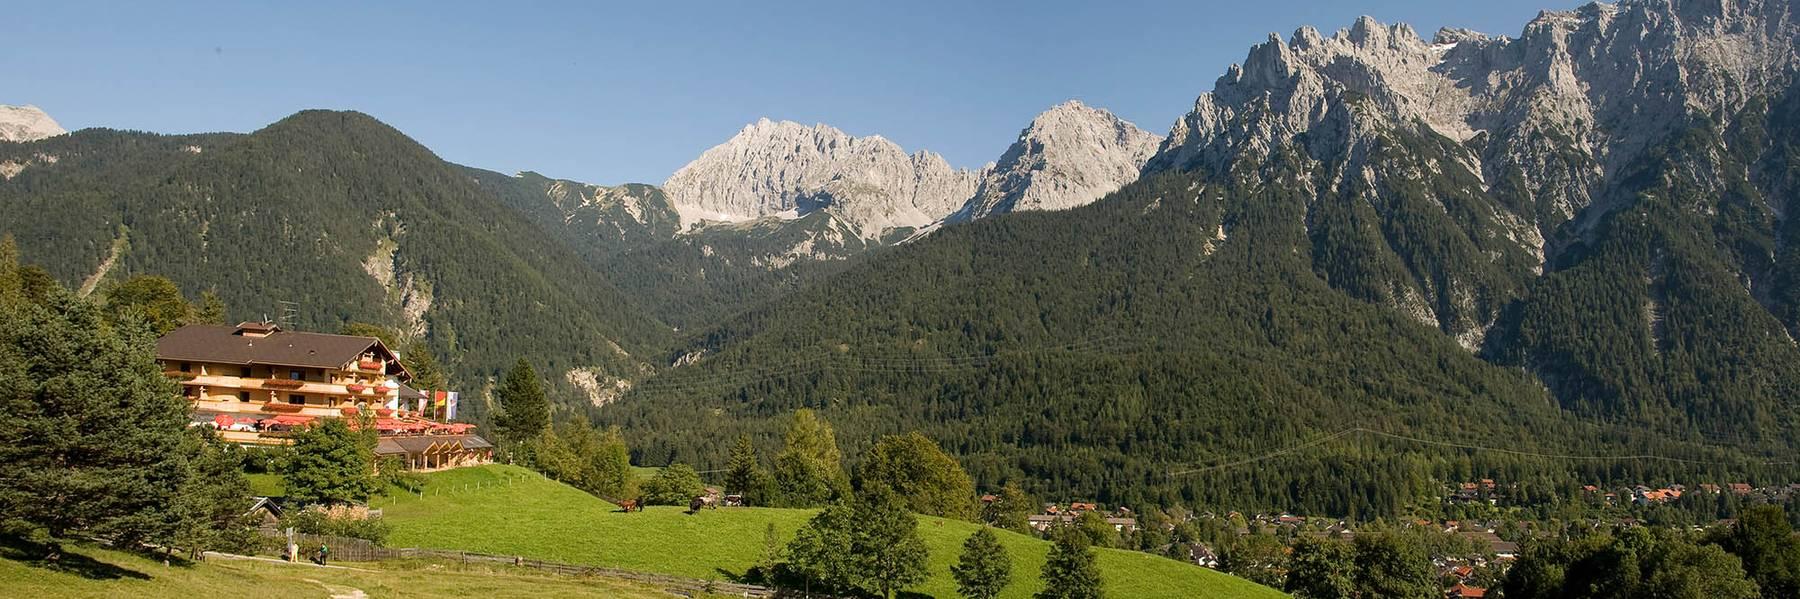 Anreise nach Mittenwald im Karwendel